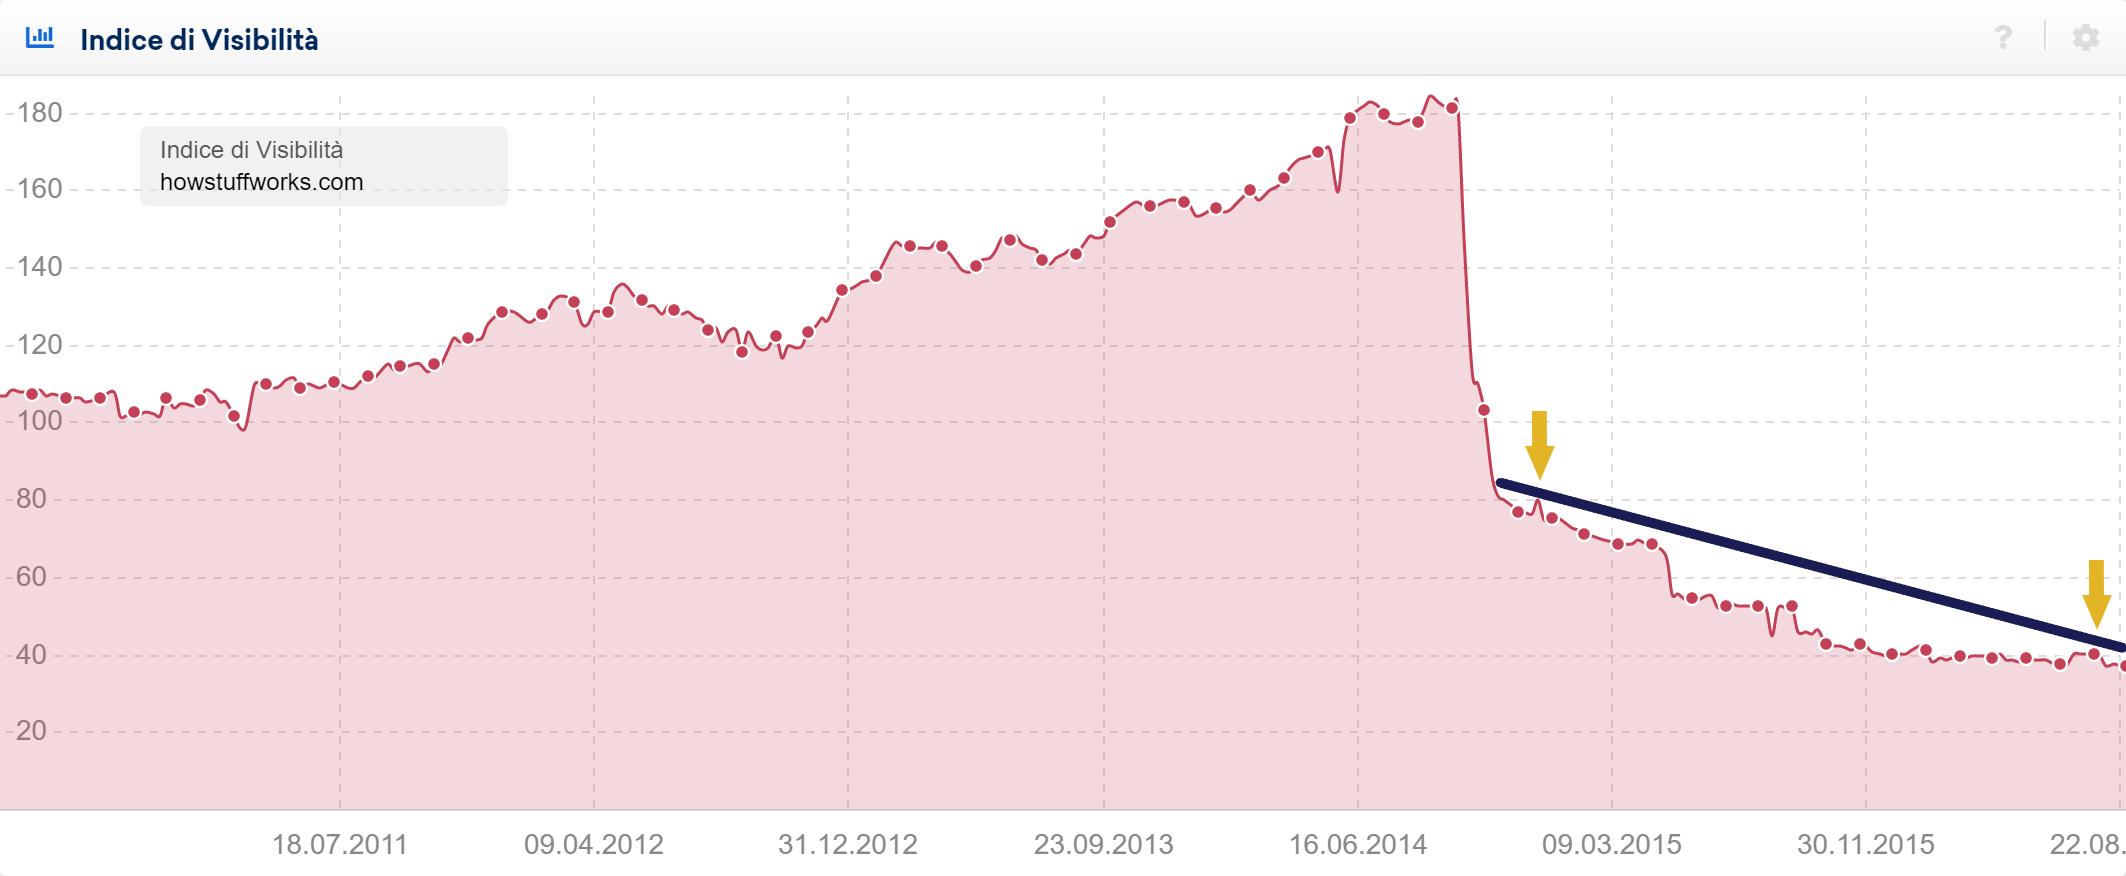 Vertici del trend al ribasso